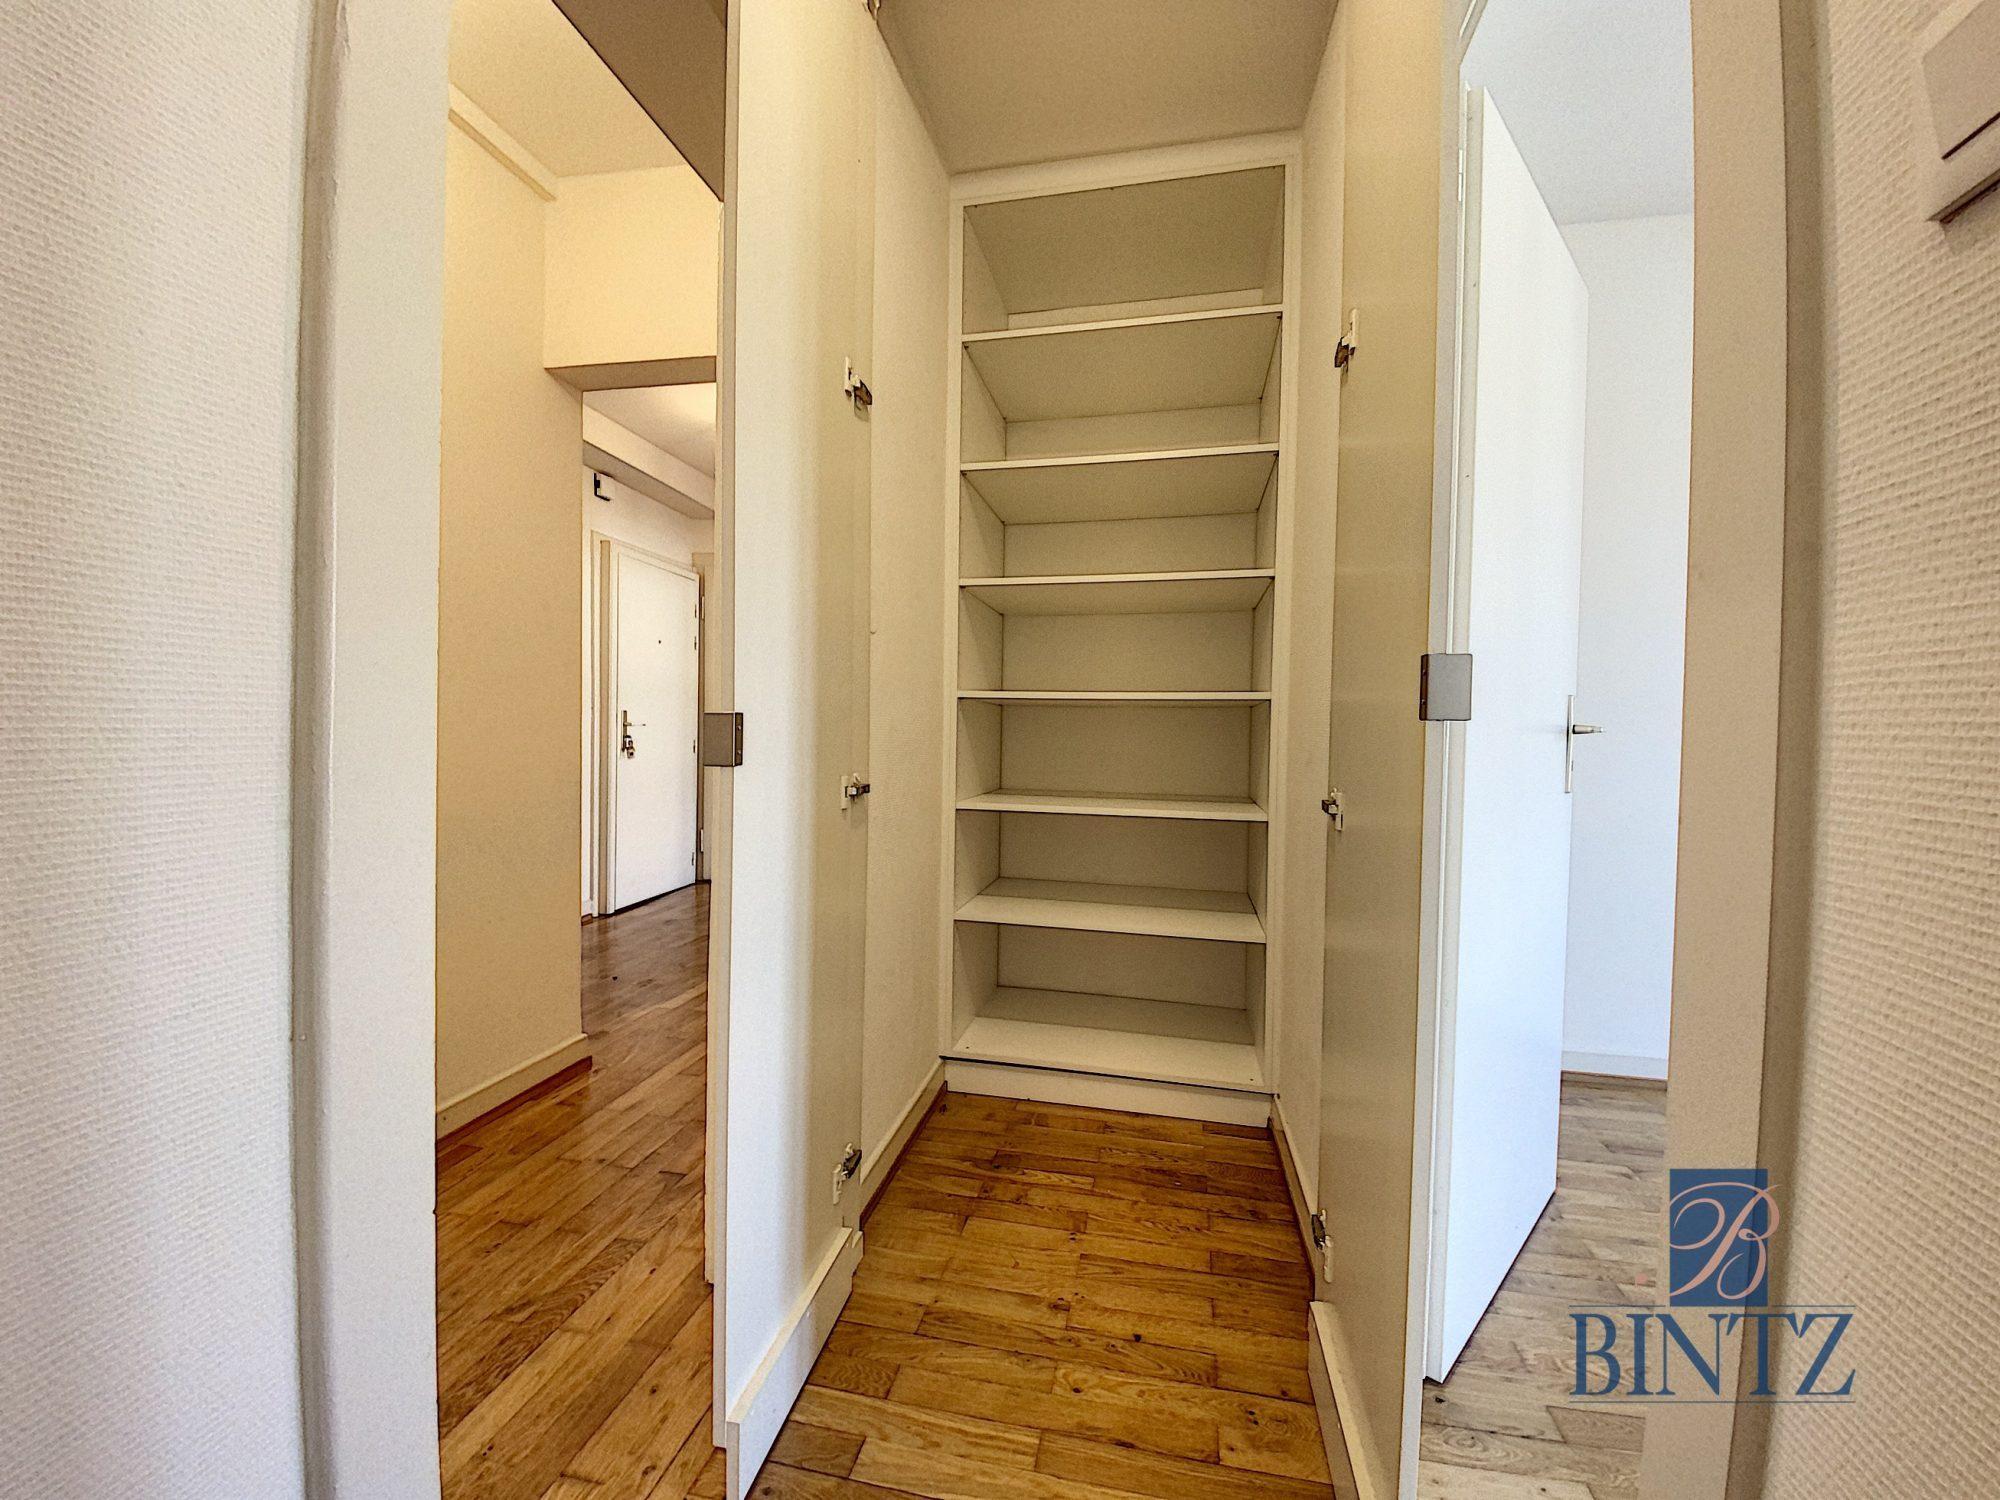 Grand 3 pièces HYPERCENTRE - Devenez locataire en toute sérénité - Bintz Immobilier - 10